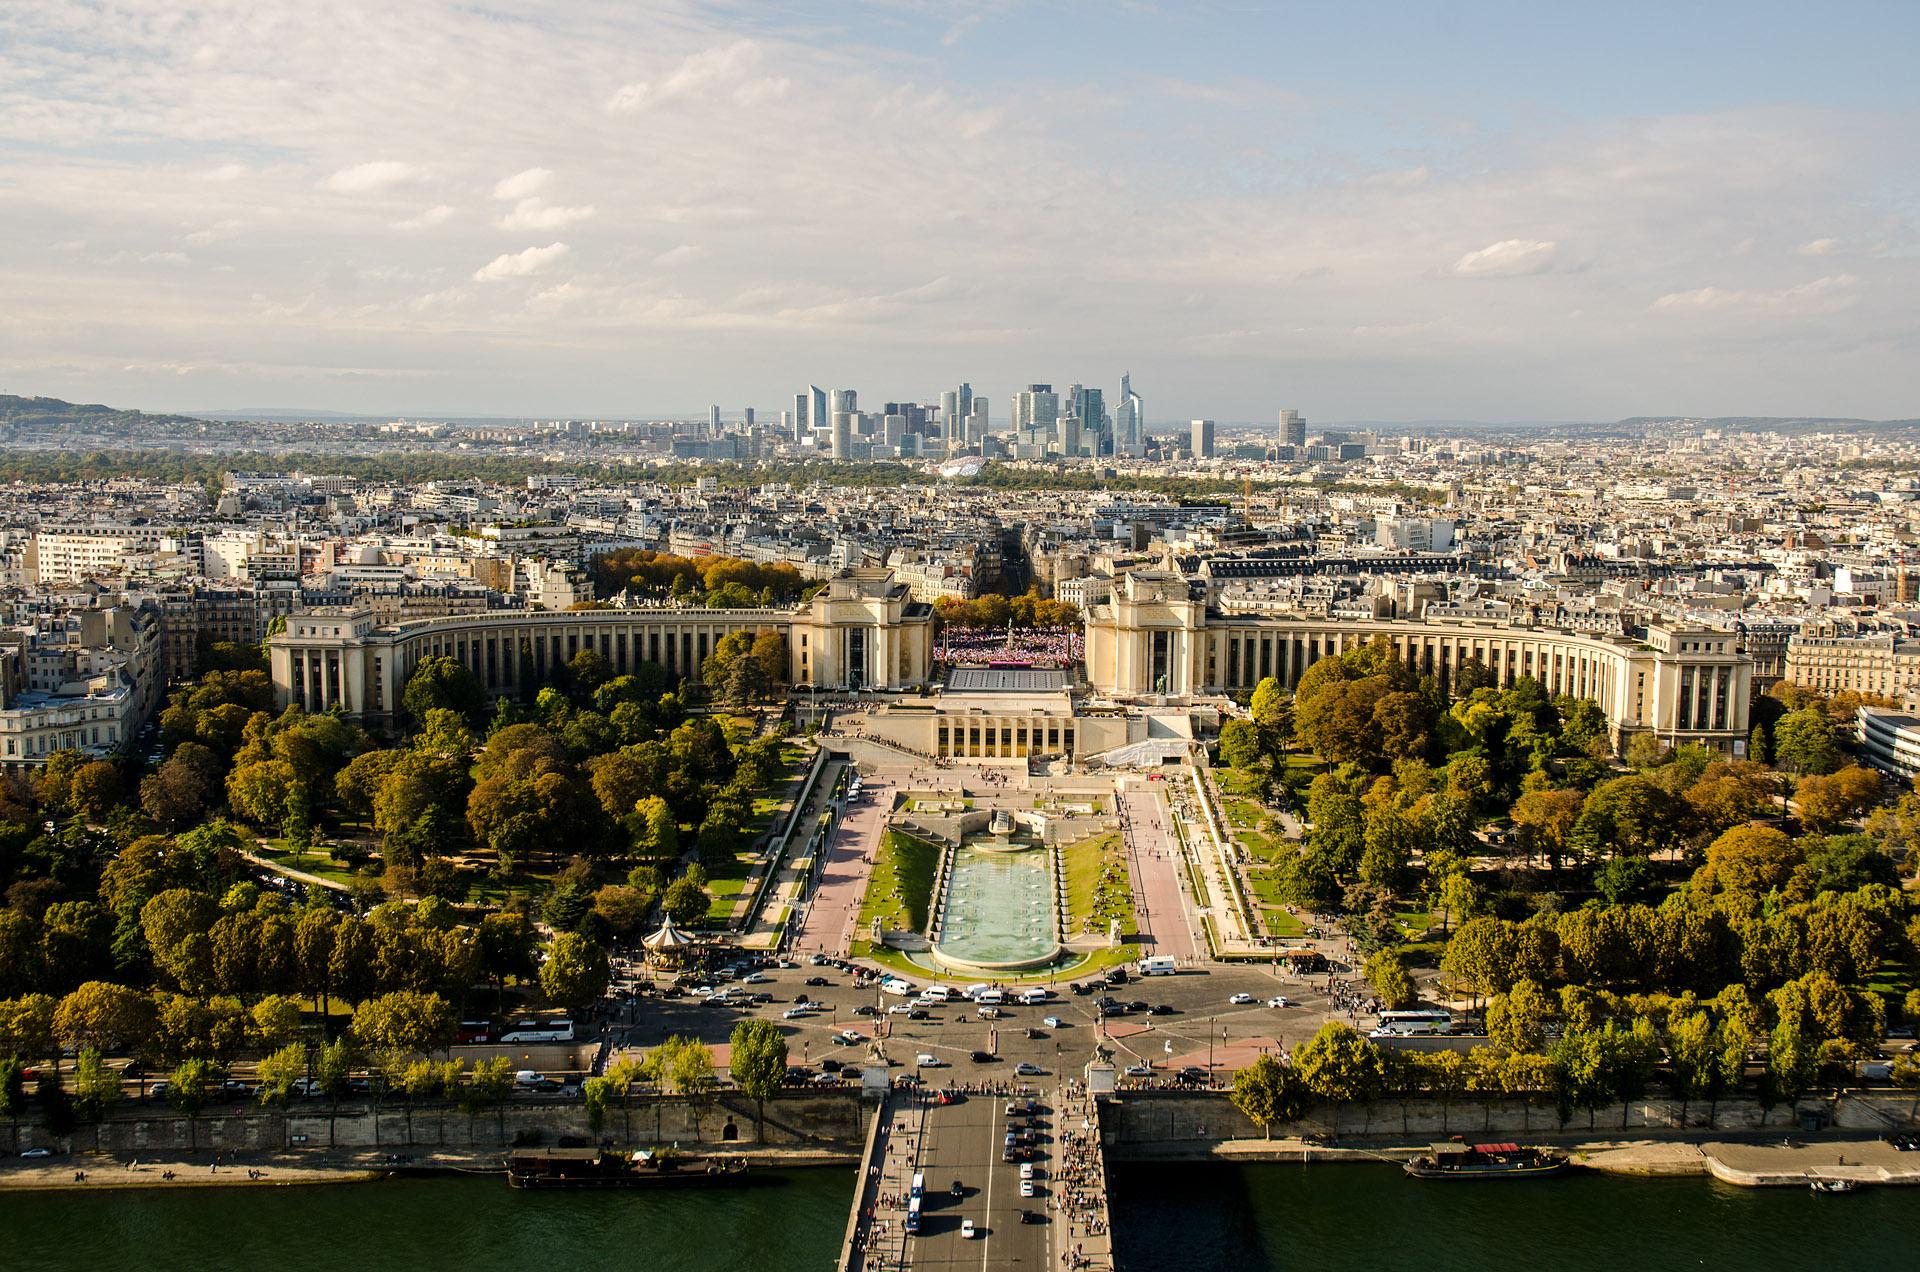 Palais de Chaillot & Trocadero Gardens